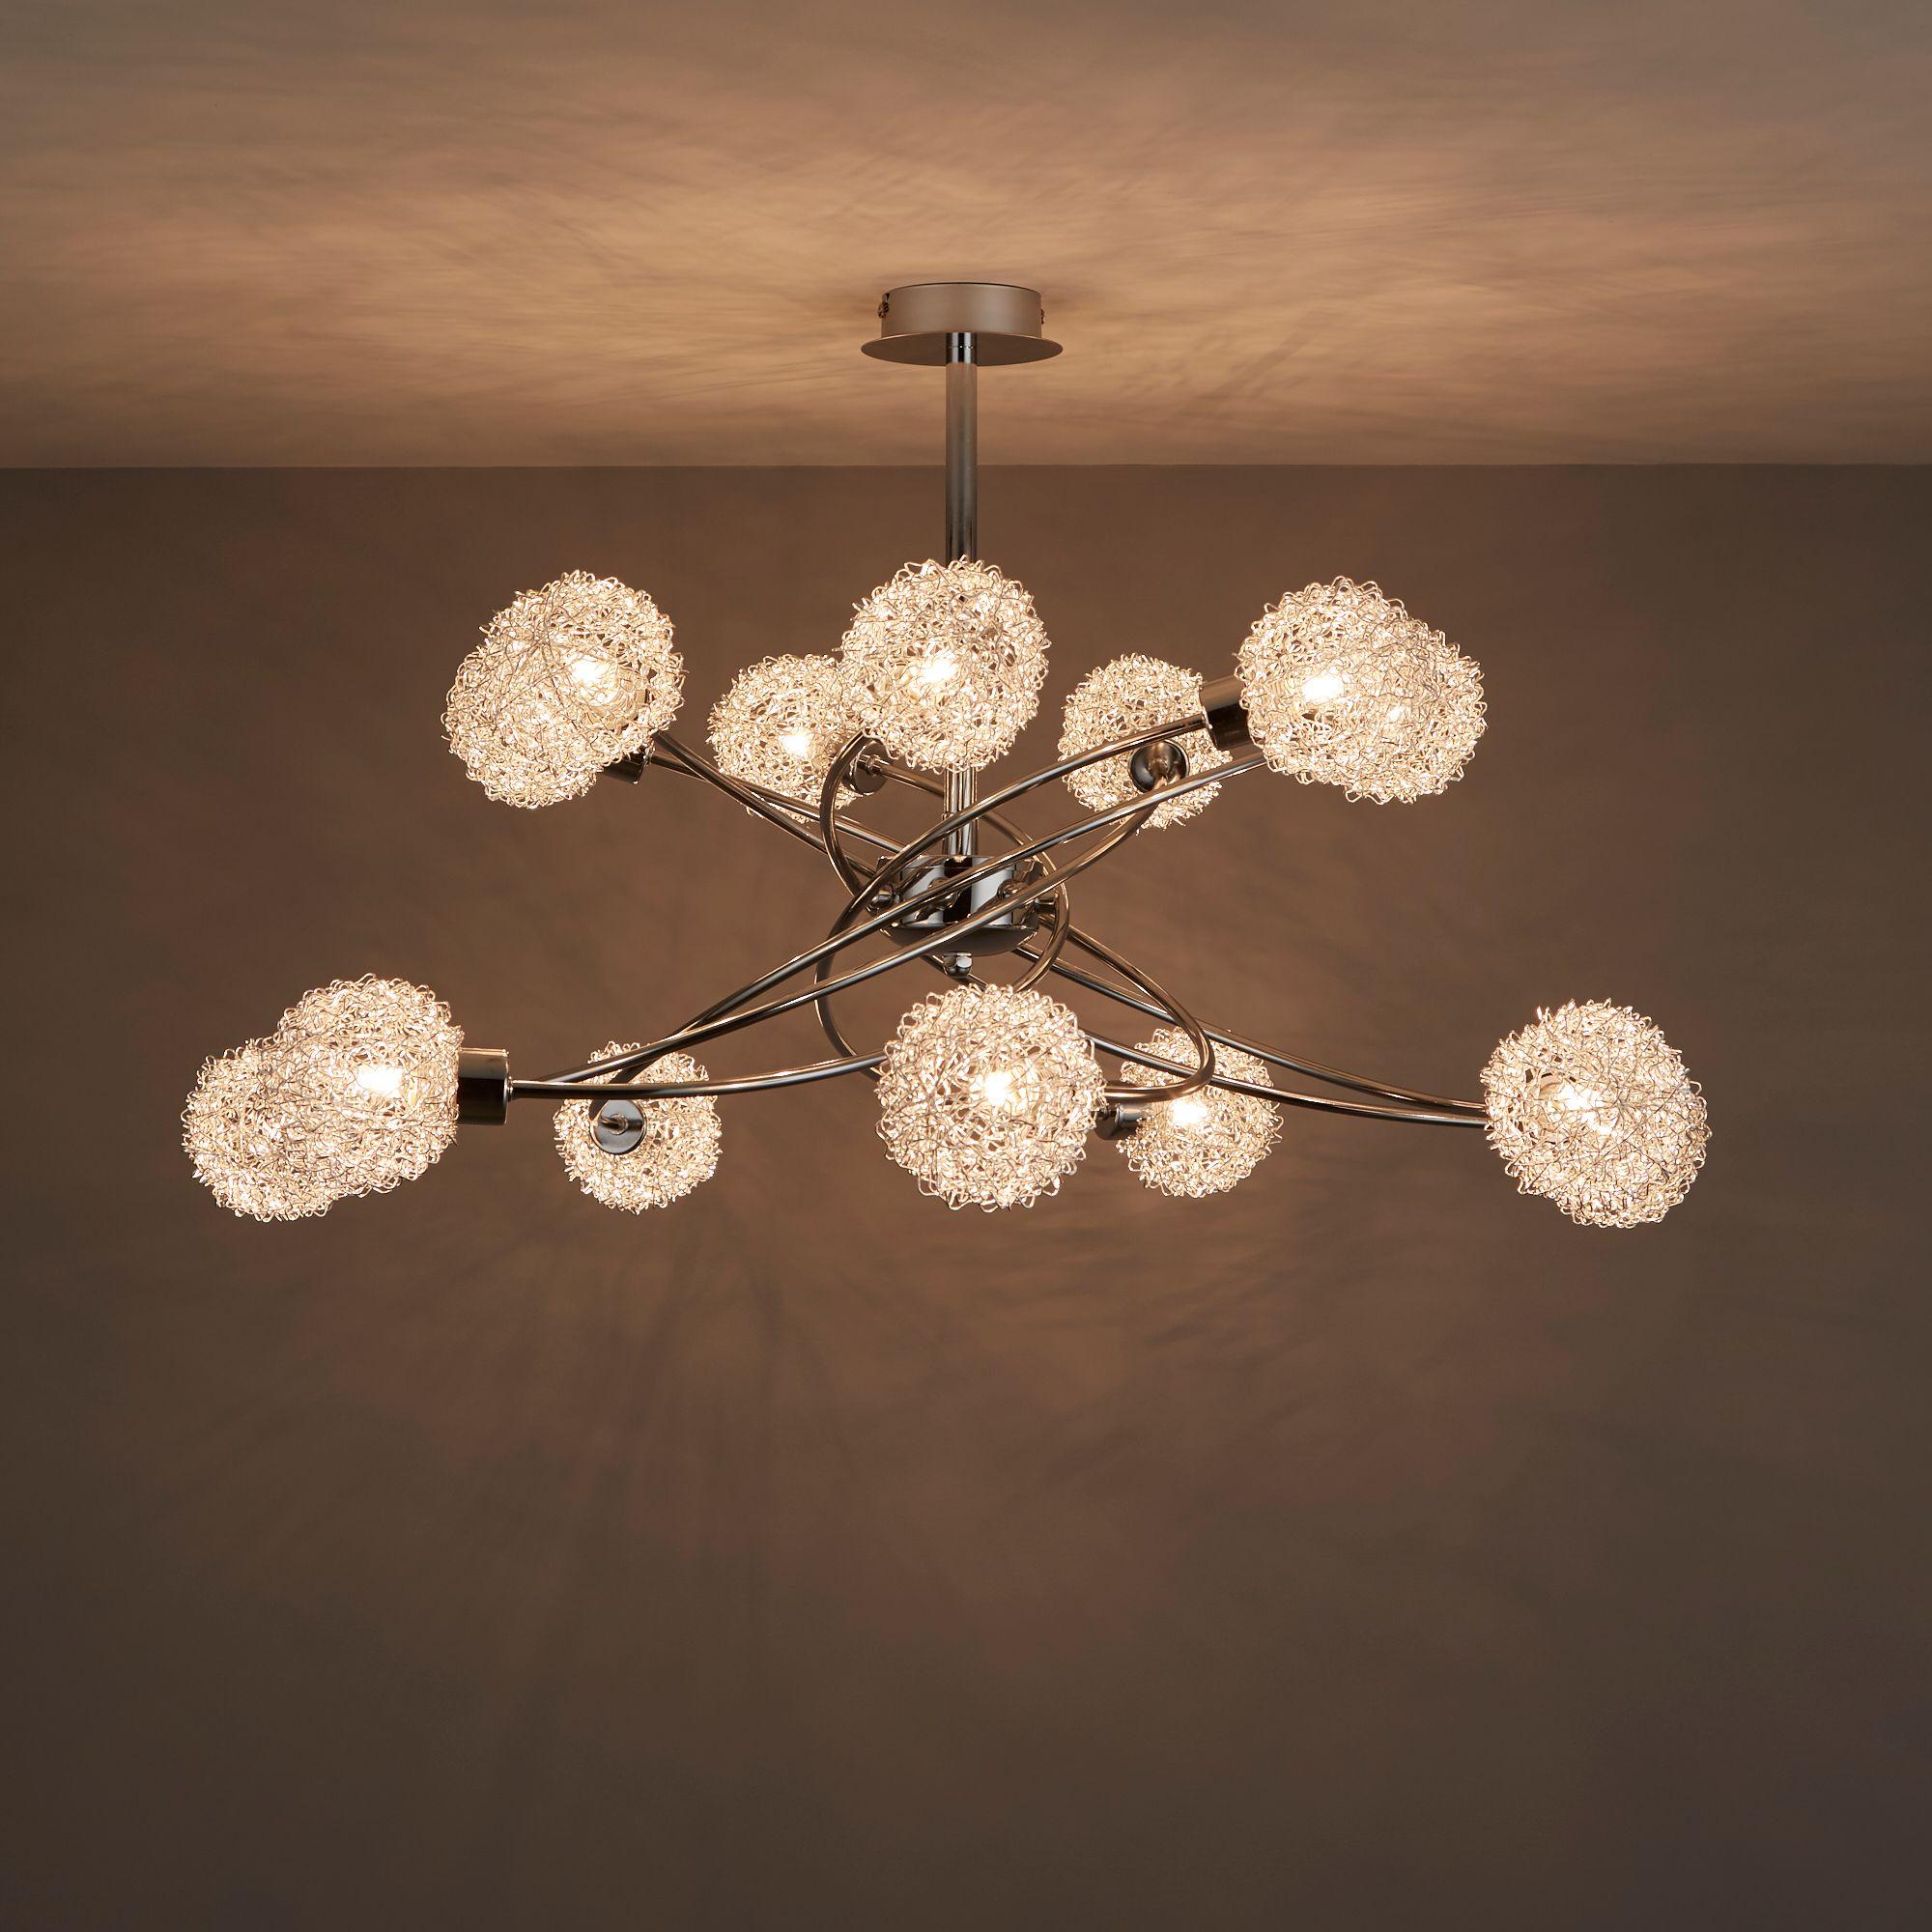 B23 Lampa Caelus 14x40 W Castorama 358zł 7389818544 Oficjalne